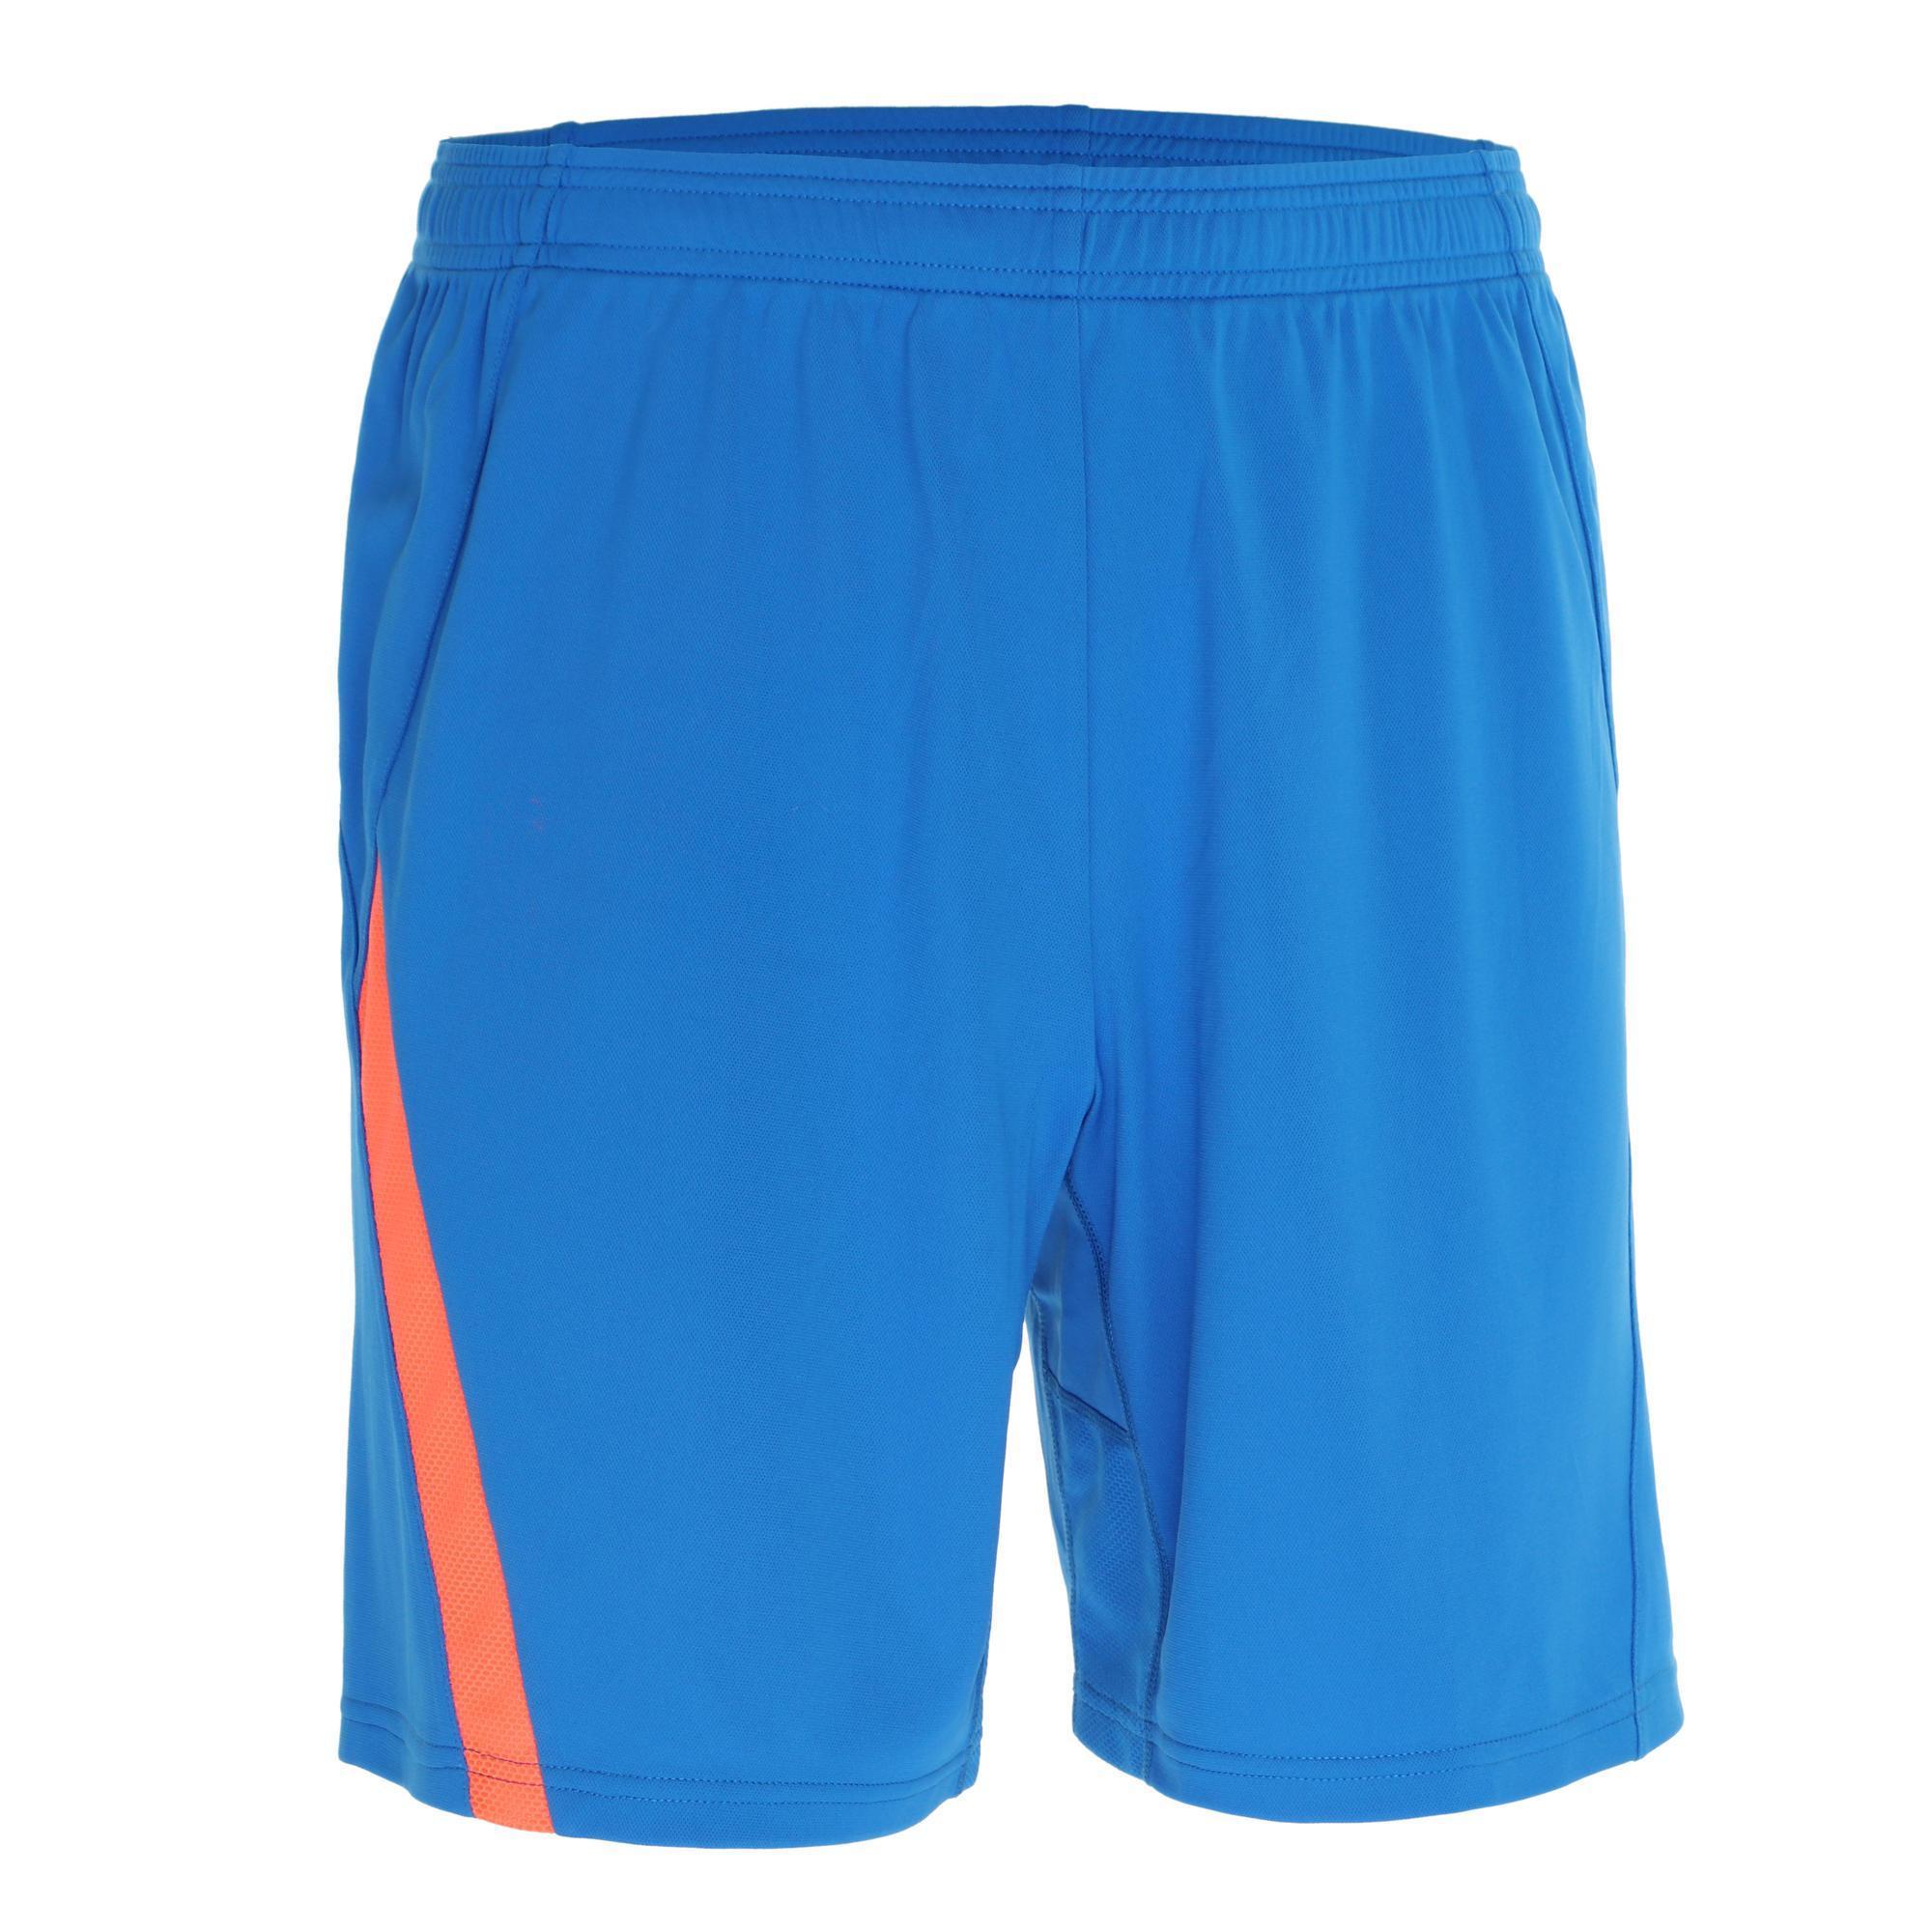 Artengo Badmintonshort 830 voor heren blauw oranje